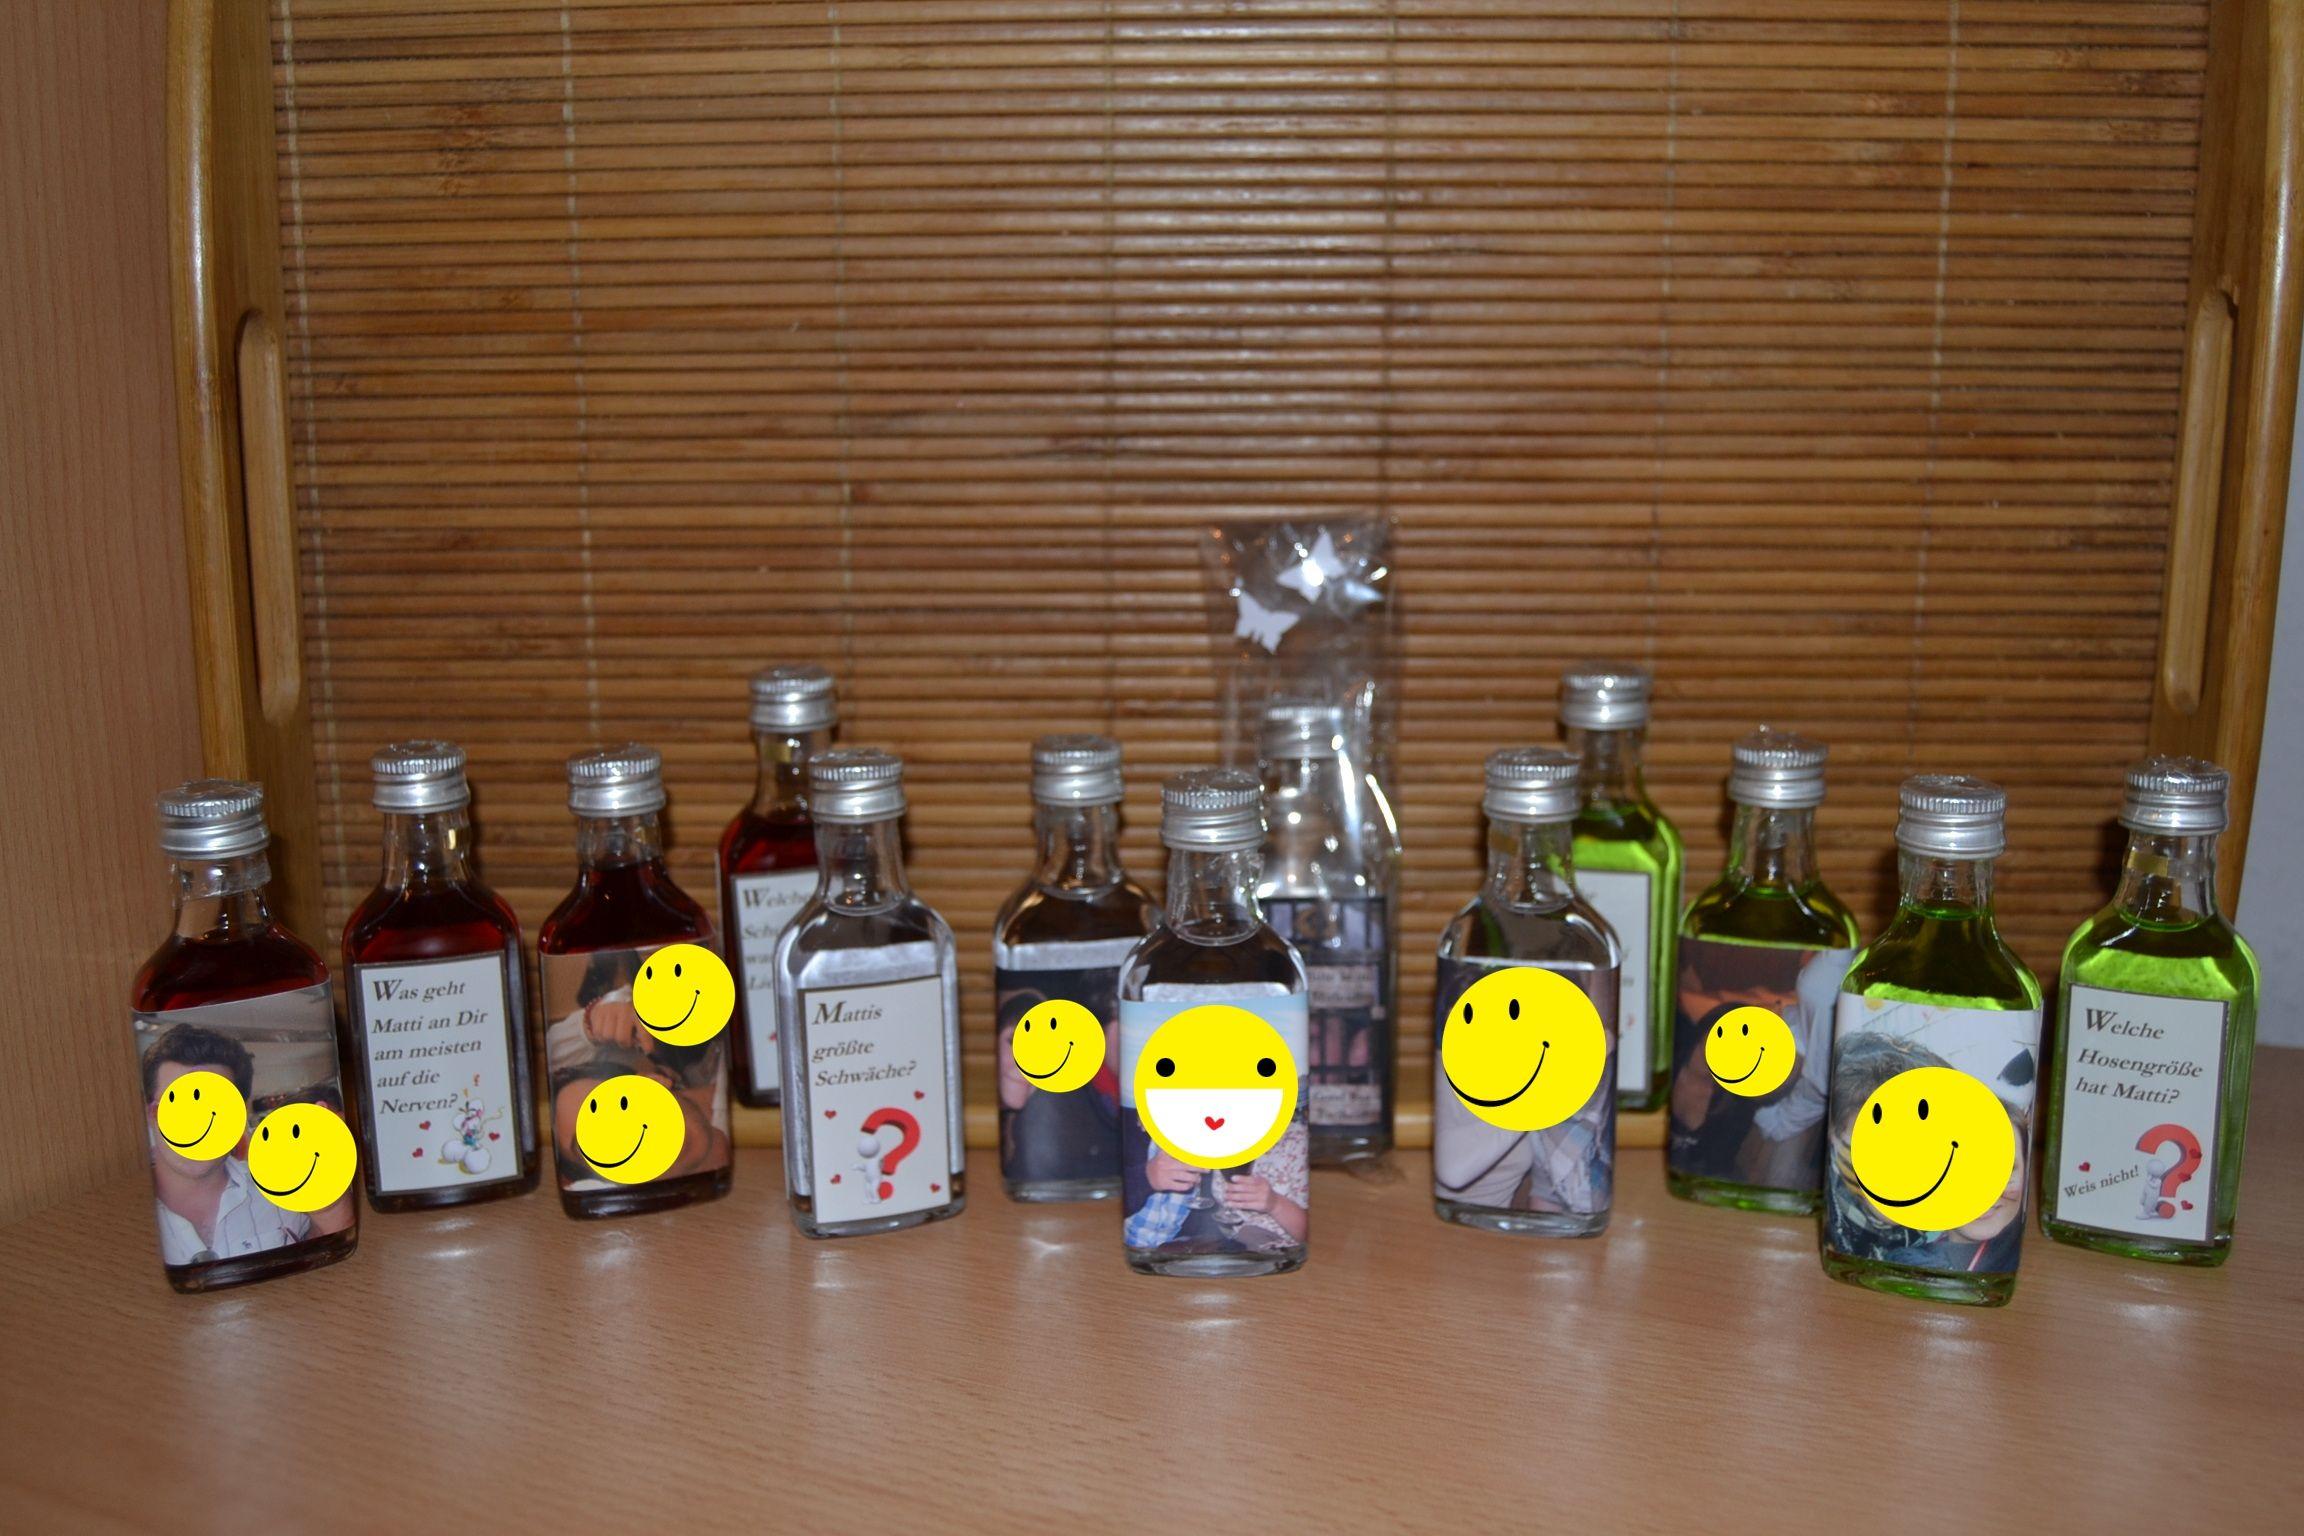 Klopfer Zum Jga Personalisierte Geschenke Geschenke Flaschen